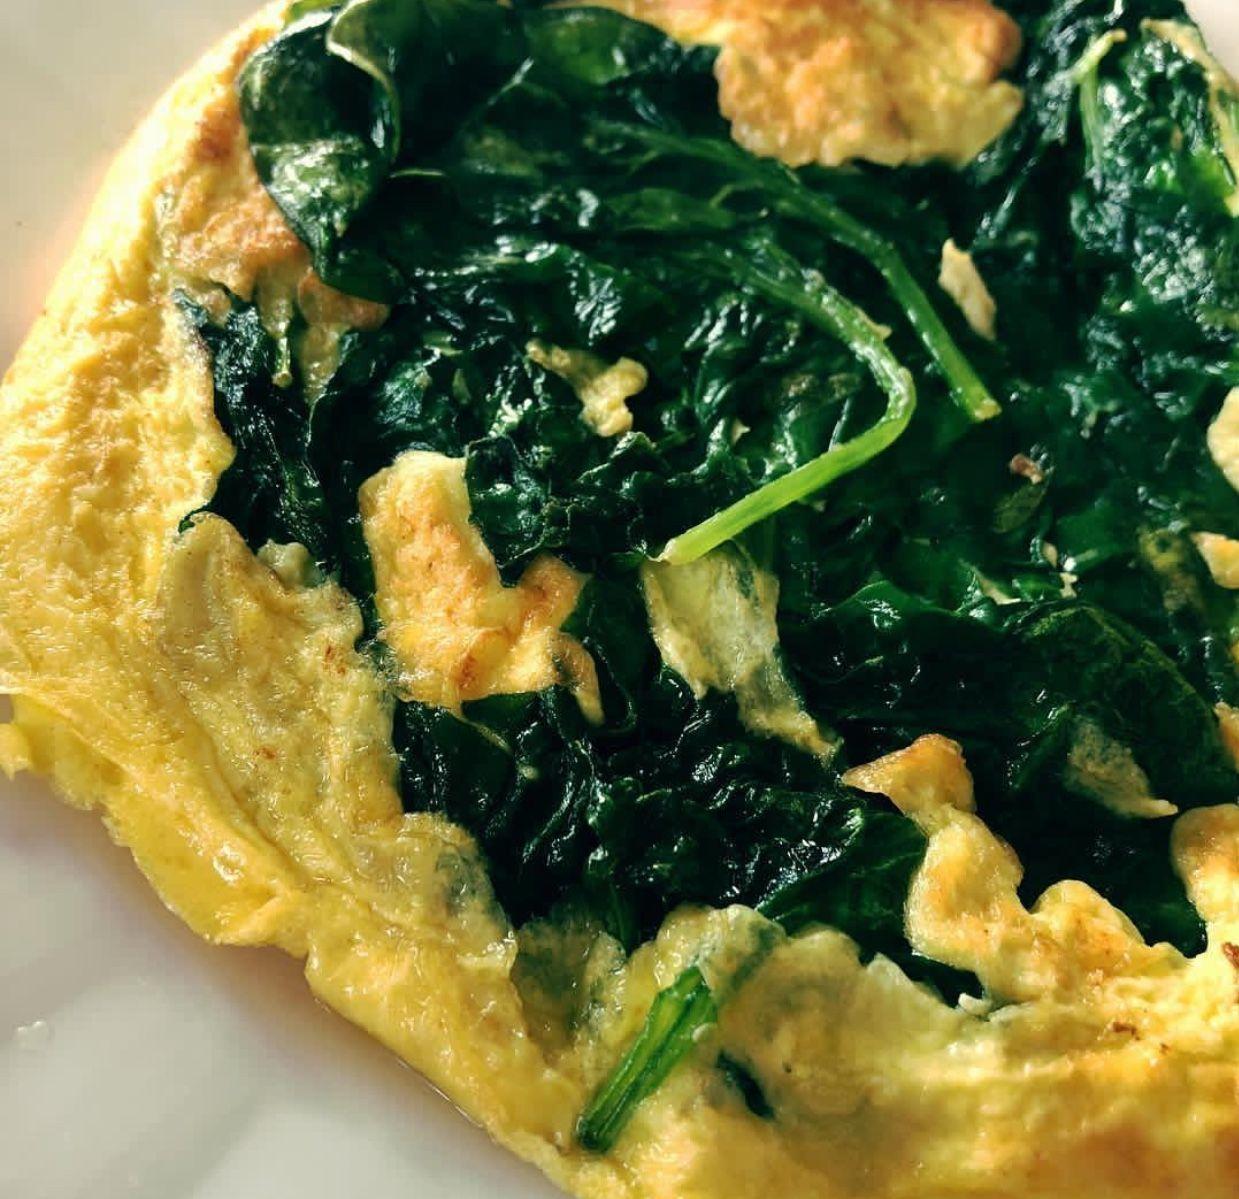 omelet dengan sayuran untuk sarapan sehat